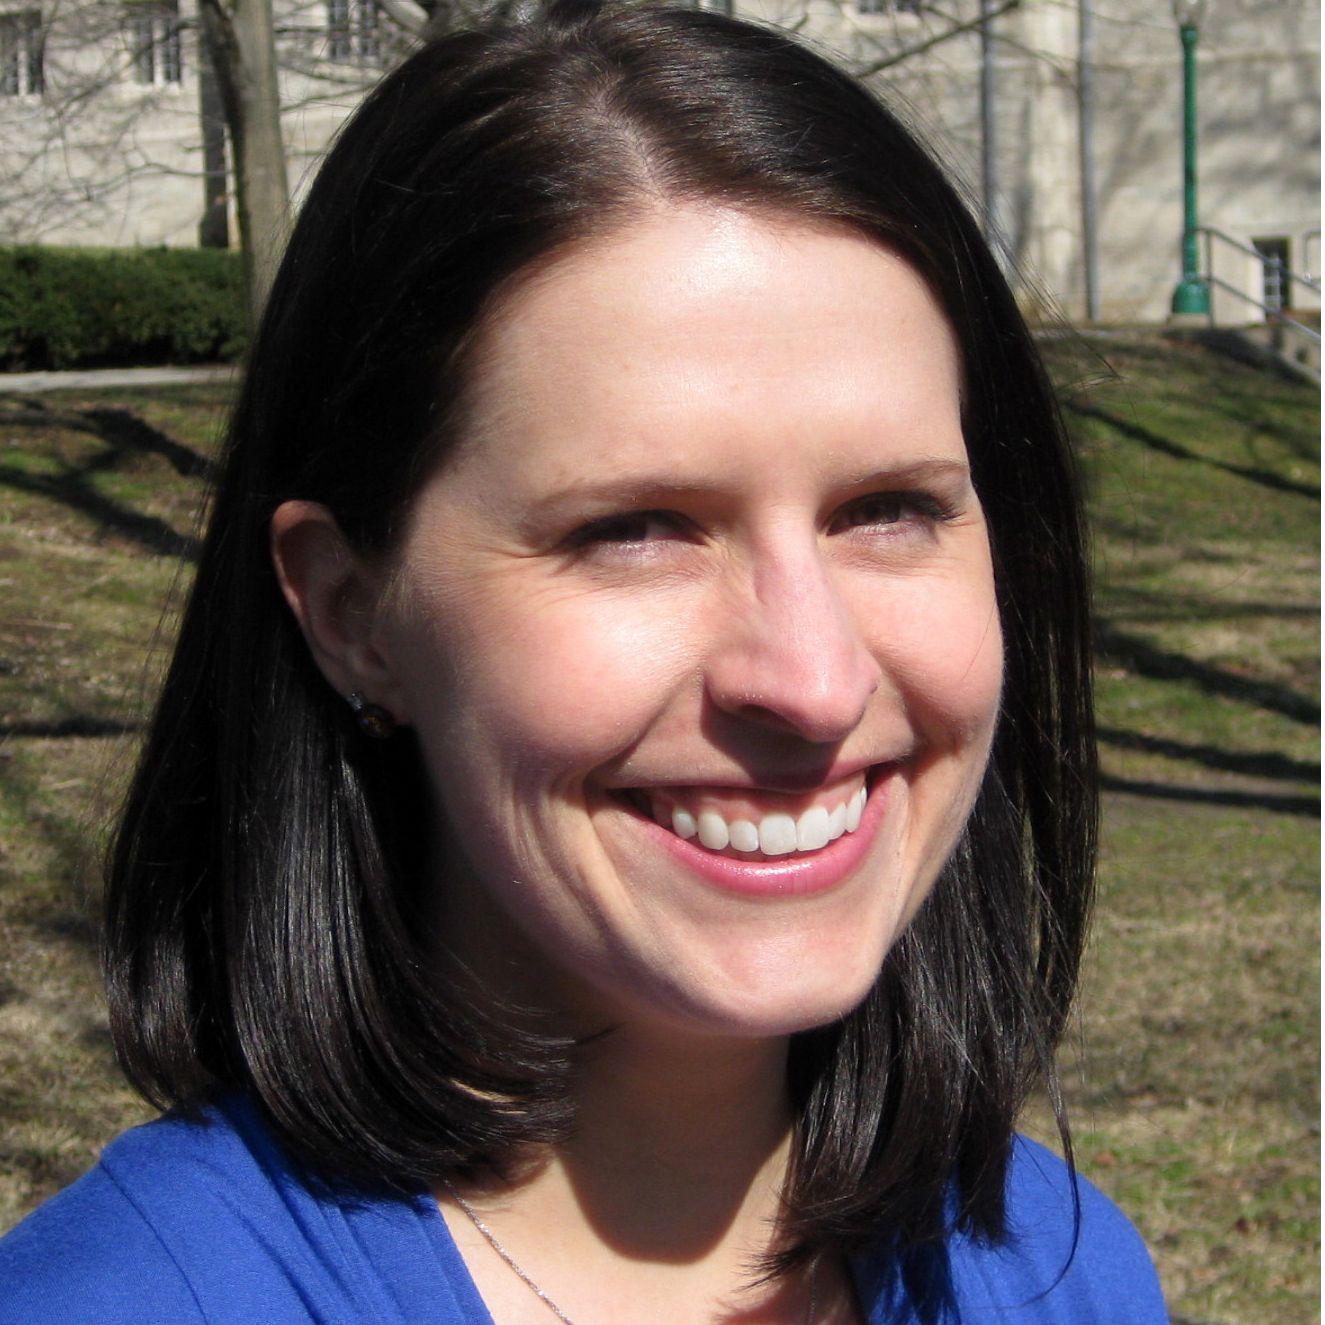 Headshot of Kimberly Rosvall